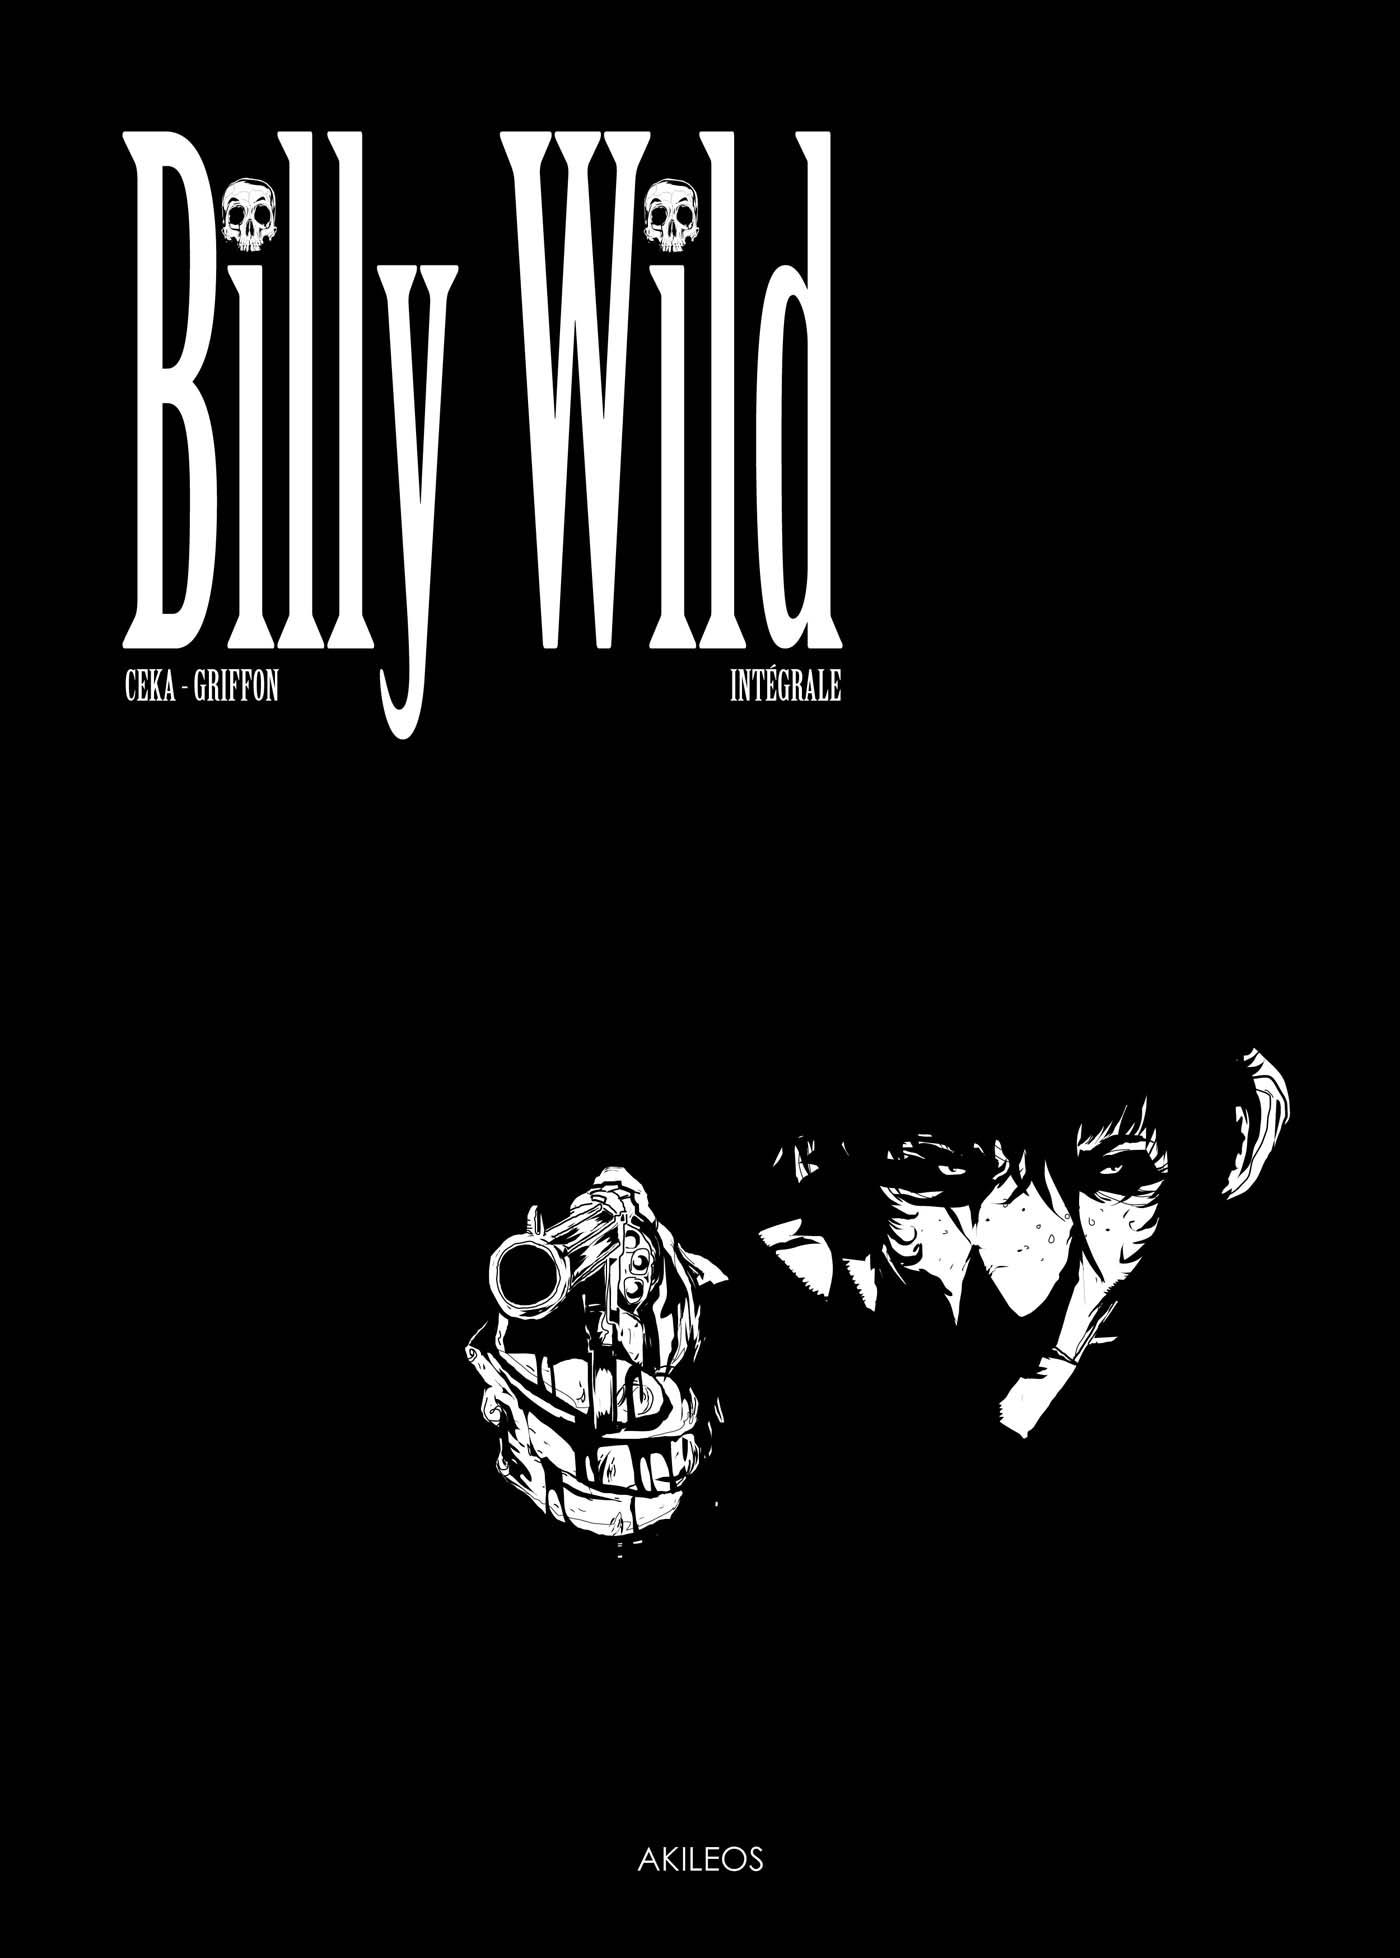 BILLY WILD - INTEGRALE